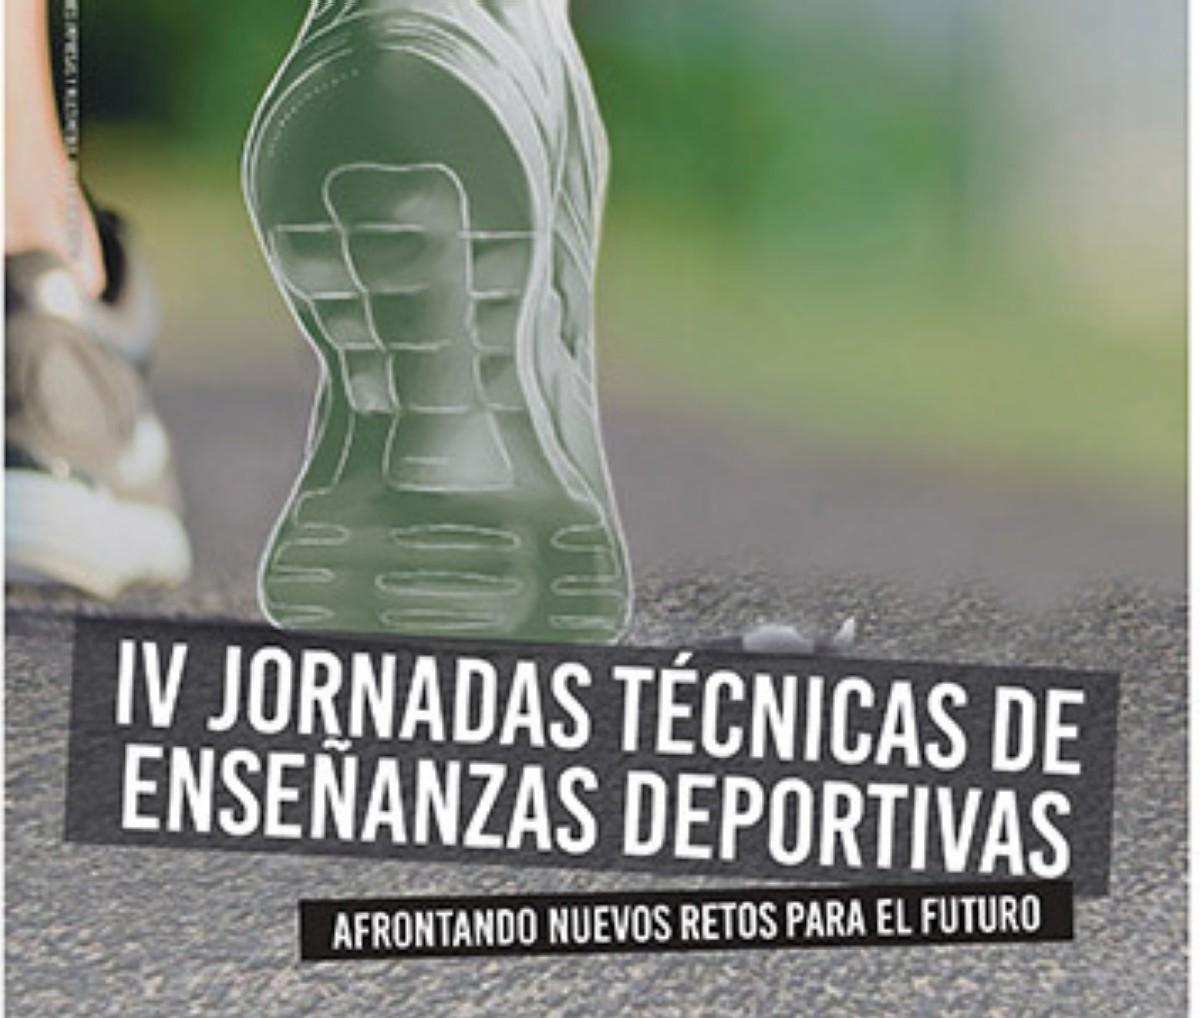 Las IV Jornadas Técnicas de Enseñanzas Deportivas